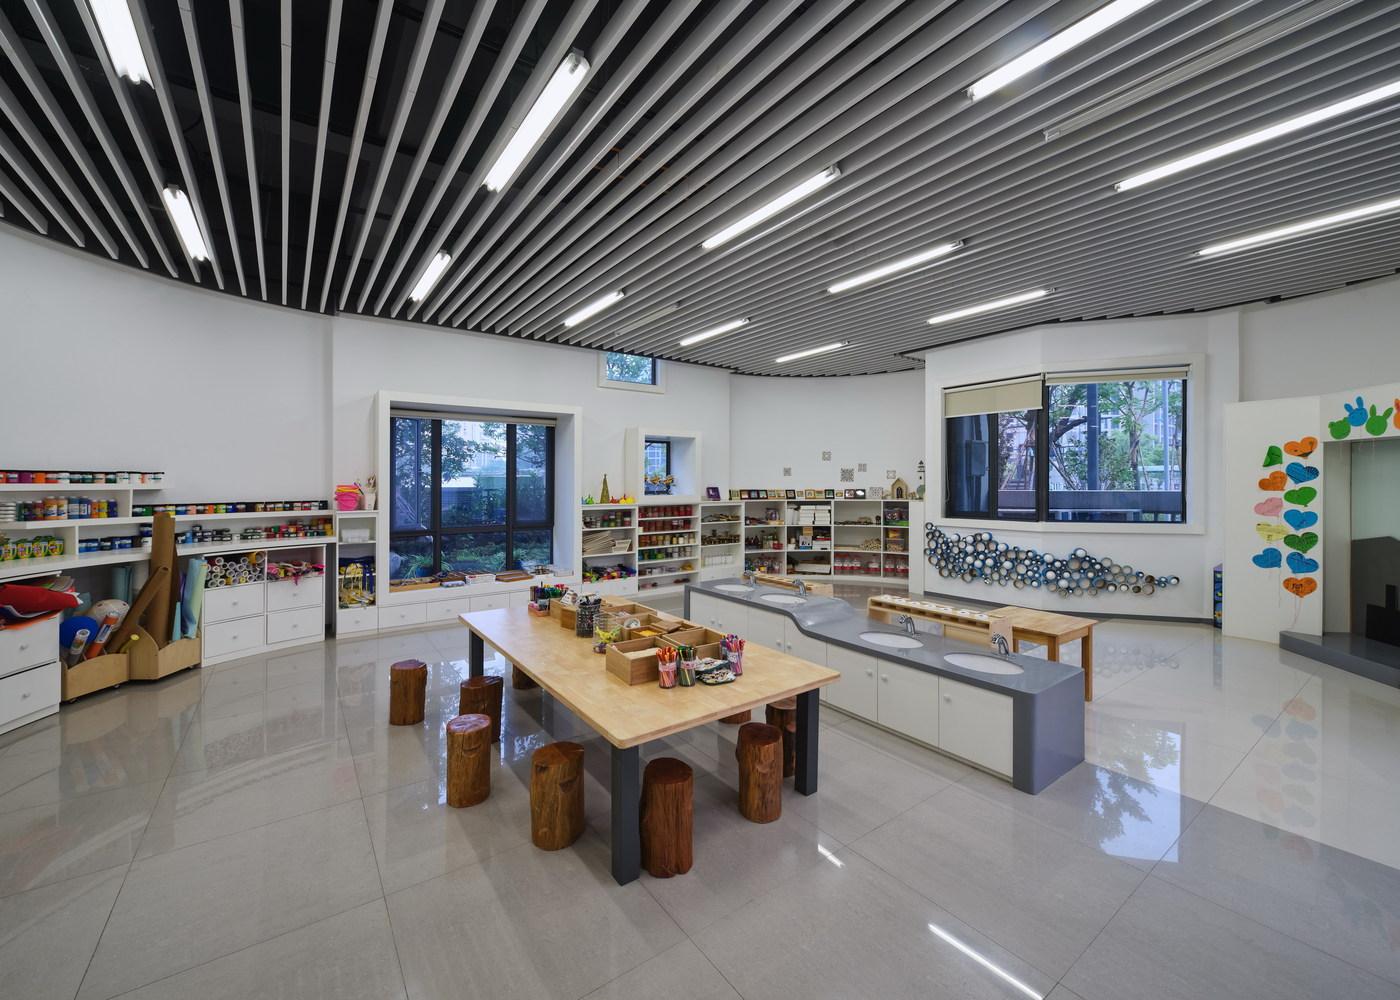 杭州胜利小学附属幼儿园建筑设计/浙江大学建筑设计研究院